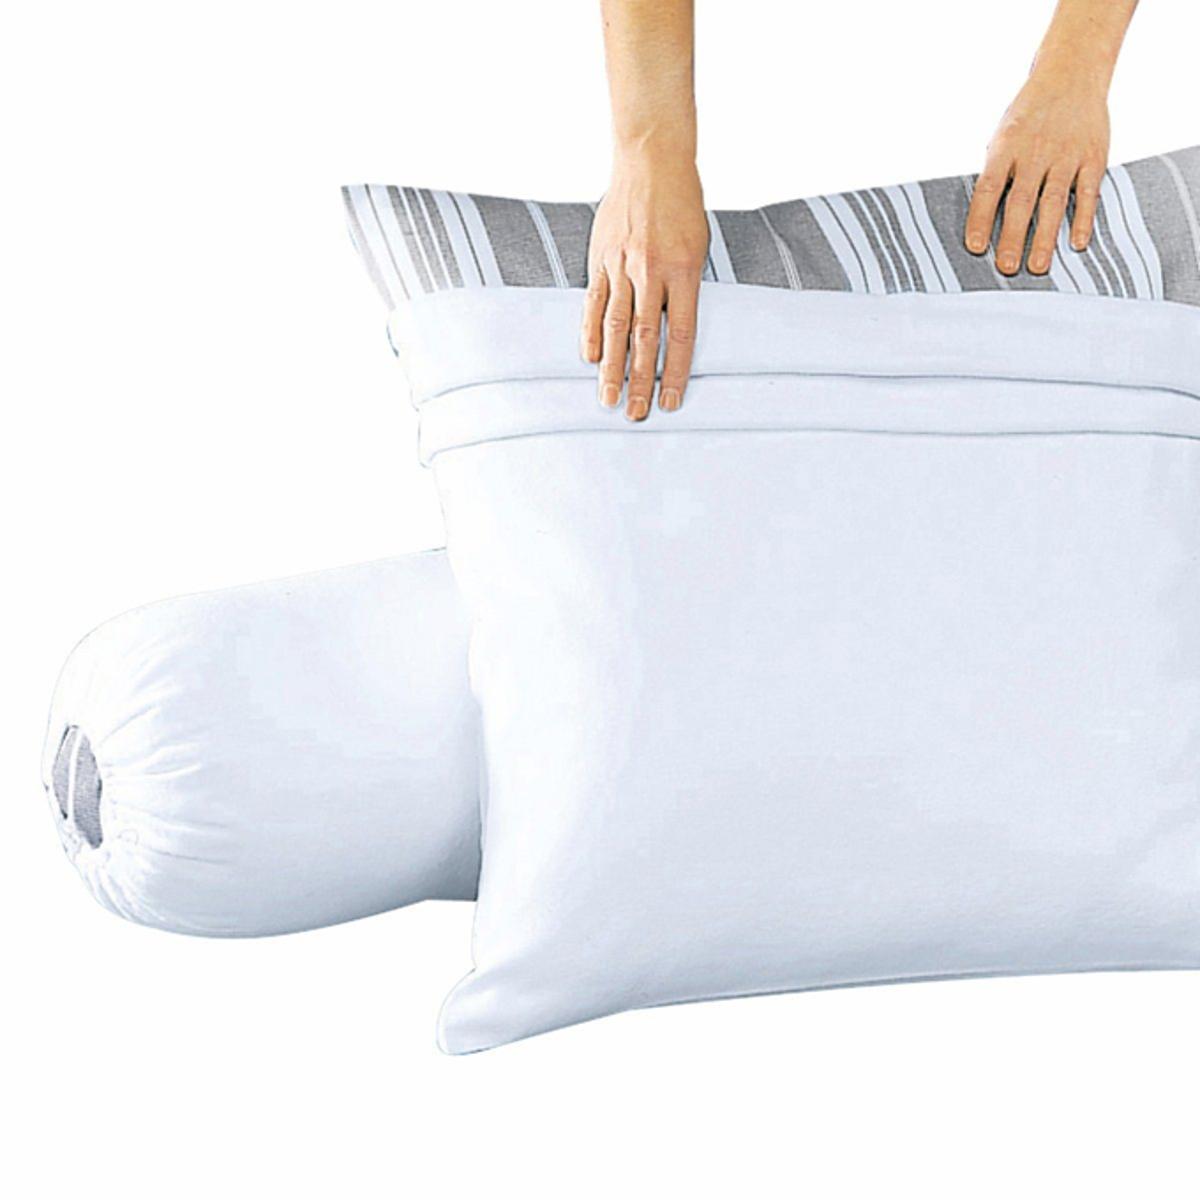 Чехол защитный на подушку из хлопкового мольтонаЗащитный чехол на подушку из мольтона, 100% хлопок, очень комфортного (начес на лицевой и оборотной стороне) и прочного (200 г/м?).Машинная стирка при 95 °С для идеальной гигиены, обработка от усадки ткани SANFOR.Качество VALEUR S?RE.<br><br>Цвет: белый<br>Размер: 50 x 70  см